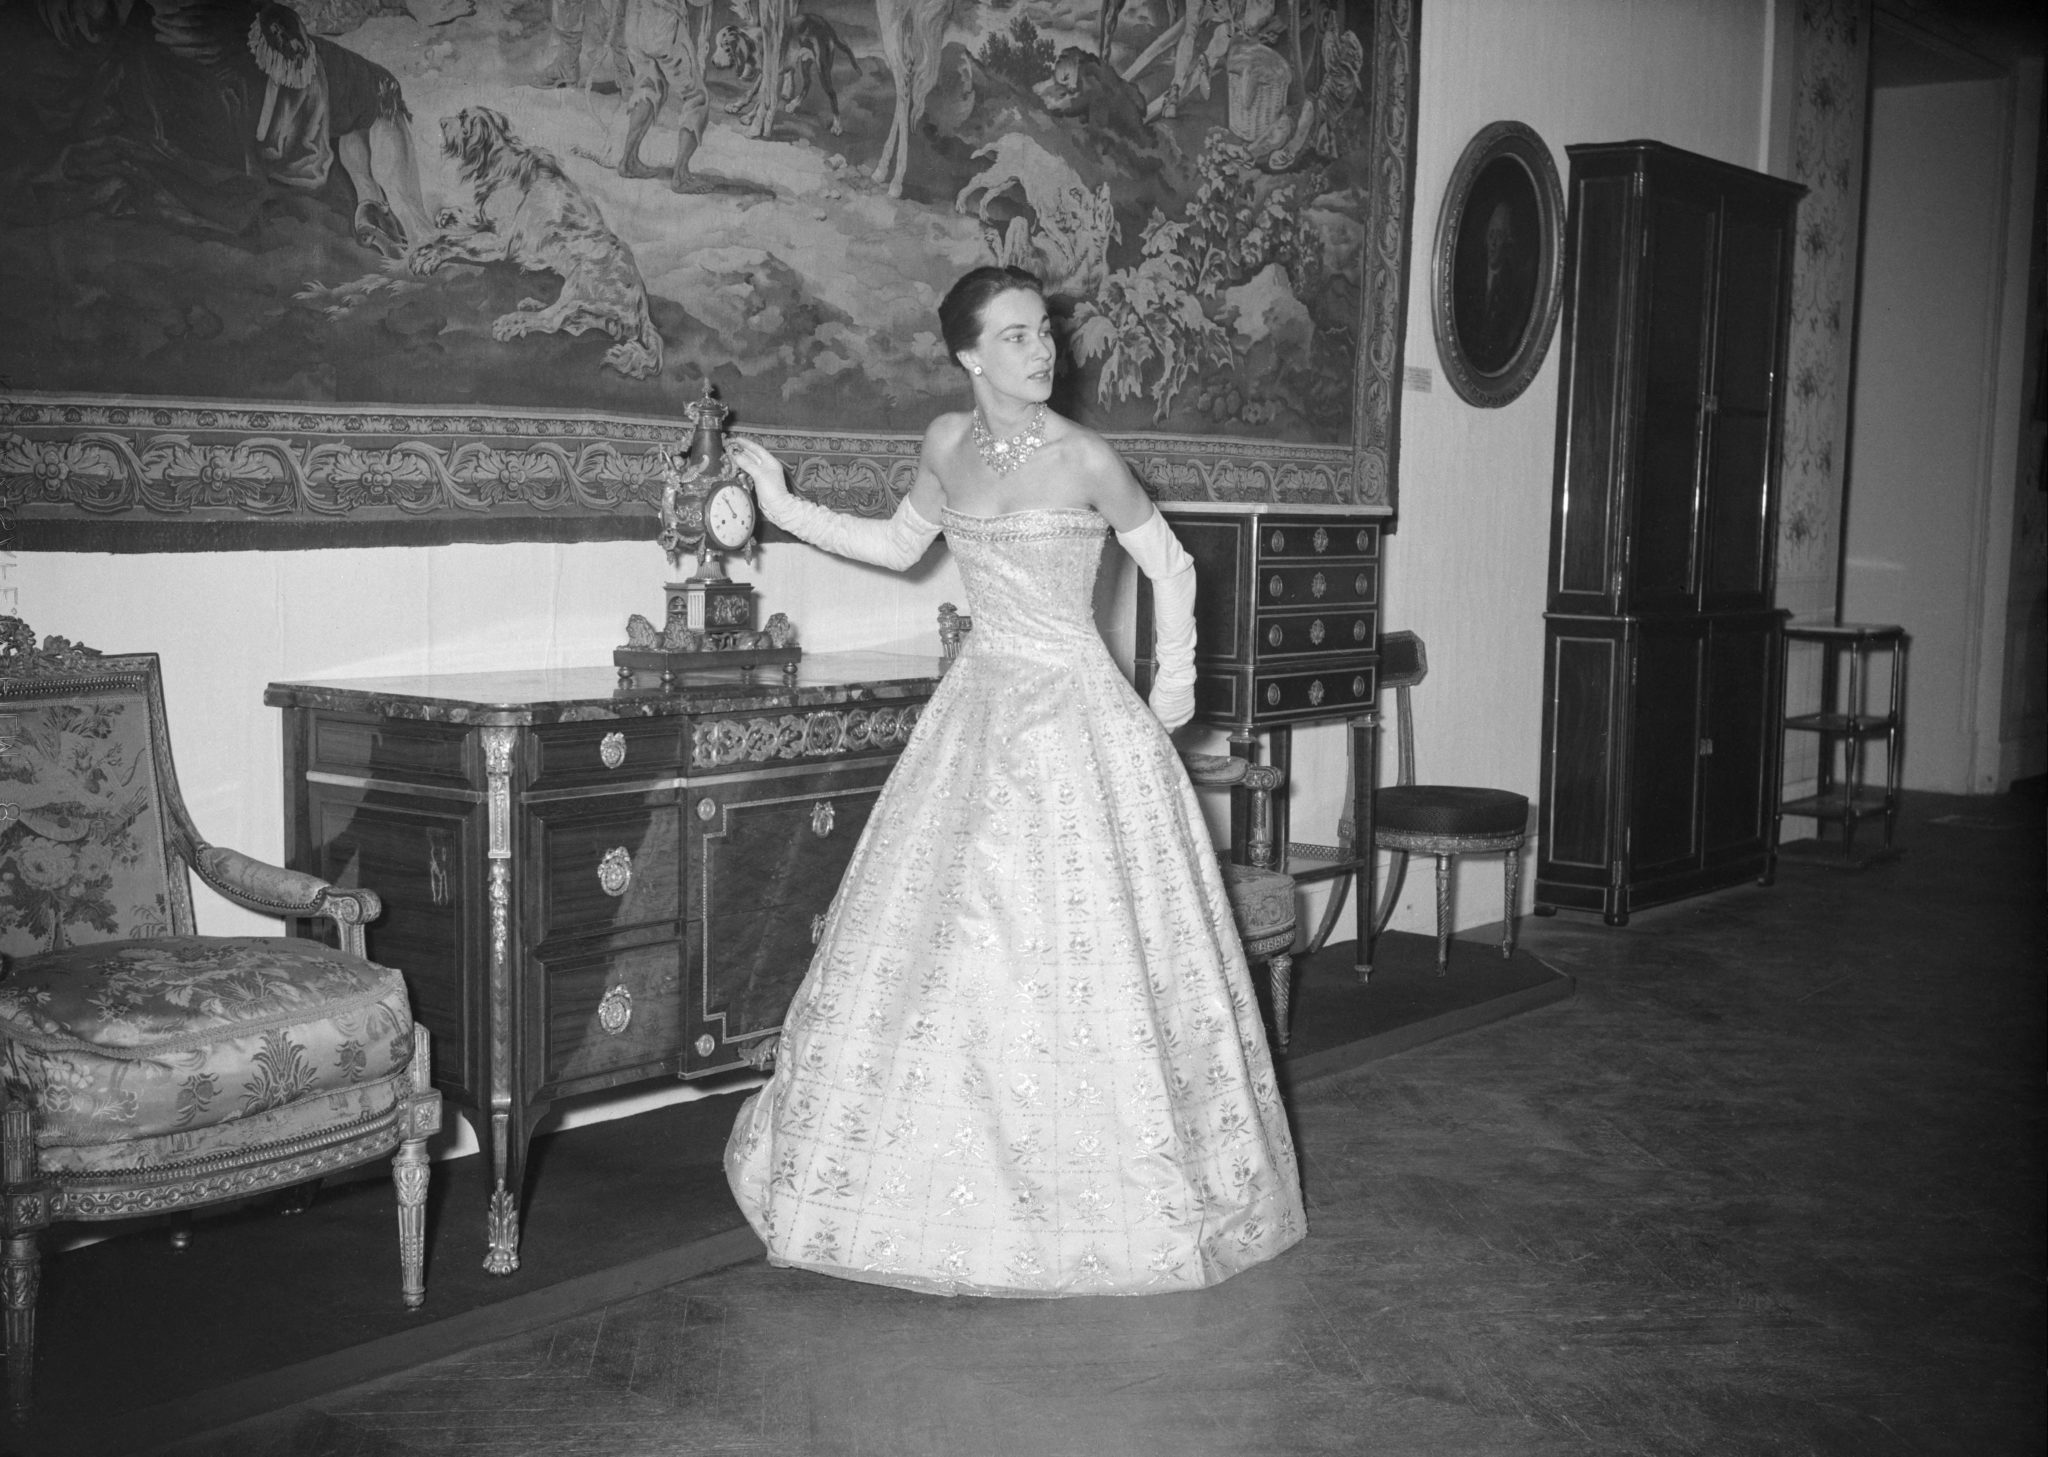 PARIS – MODELE CHRISTIAN DIOR,Robe du soir de Christian Dior. Pavillon de Marsan, Paris, 30 novembre 1955.